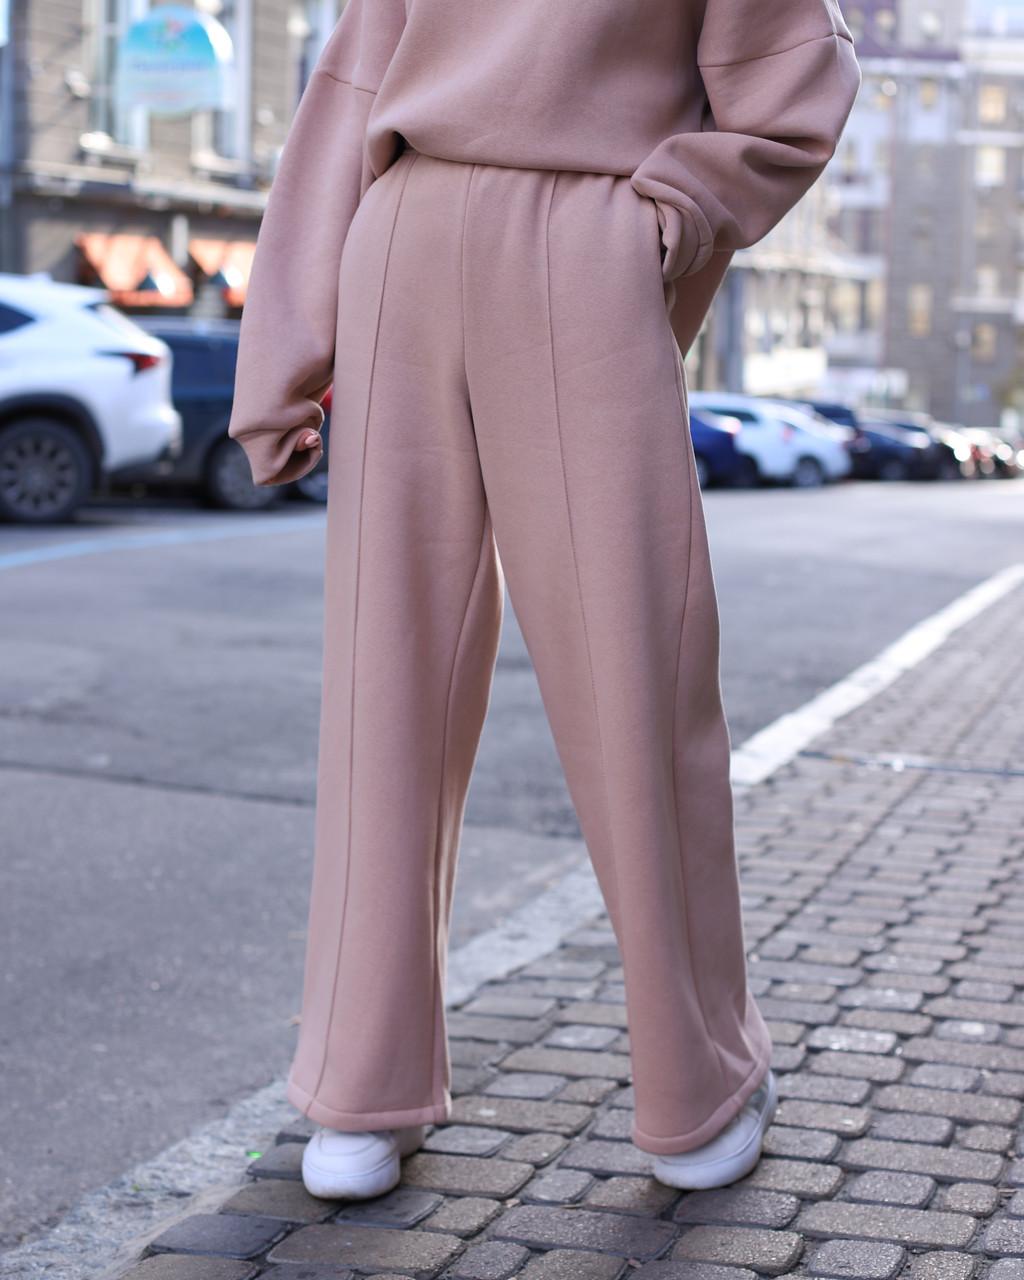 Зимнее спортивные штаны женские бежевые Джин от бренда ТУР  размер: S-M